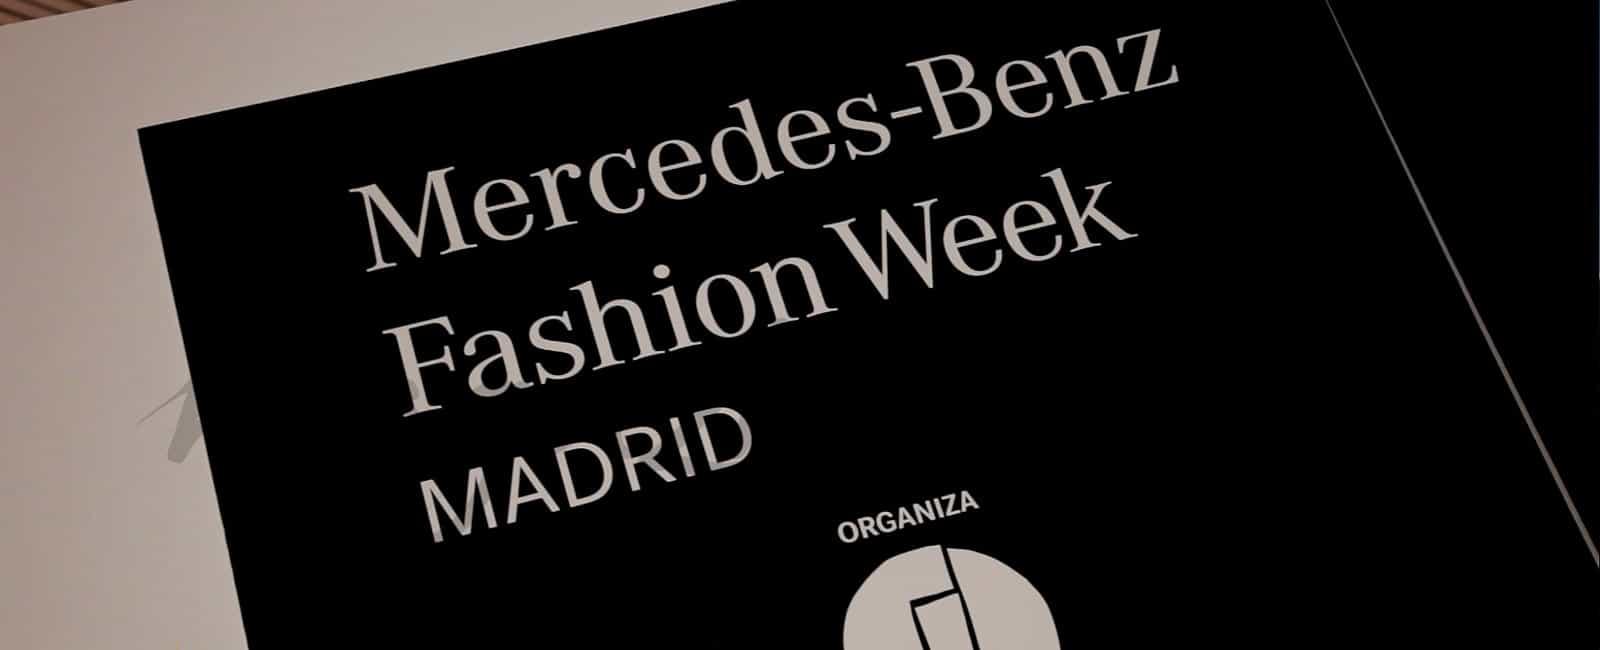 Las redes sociales desde la MBFW Madrid, por Fran Larrañaga